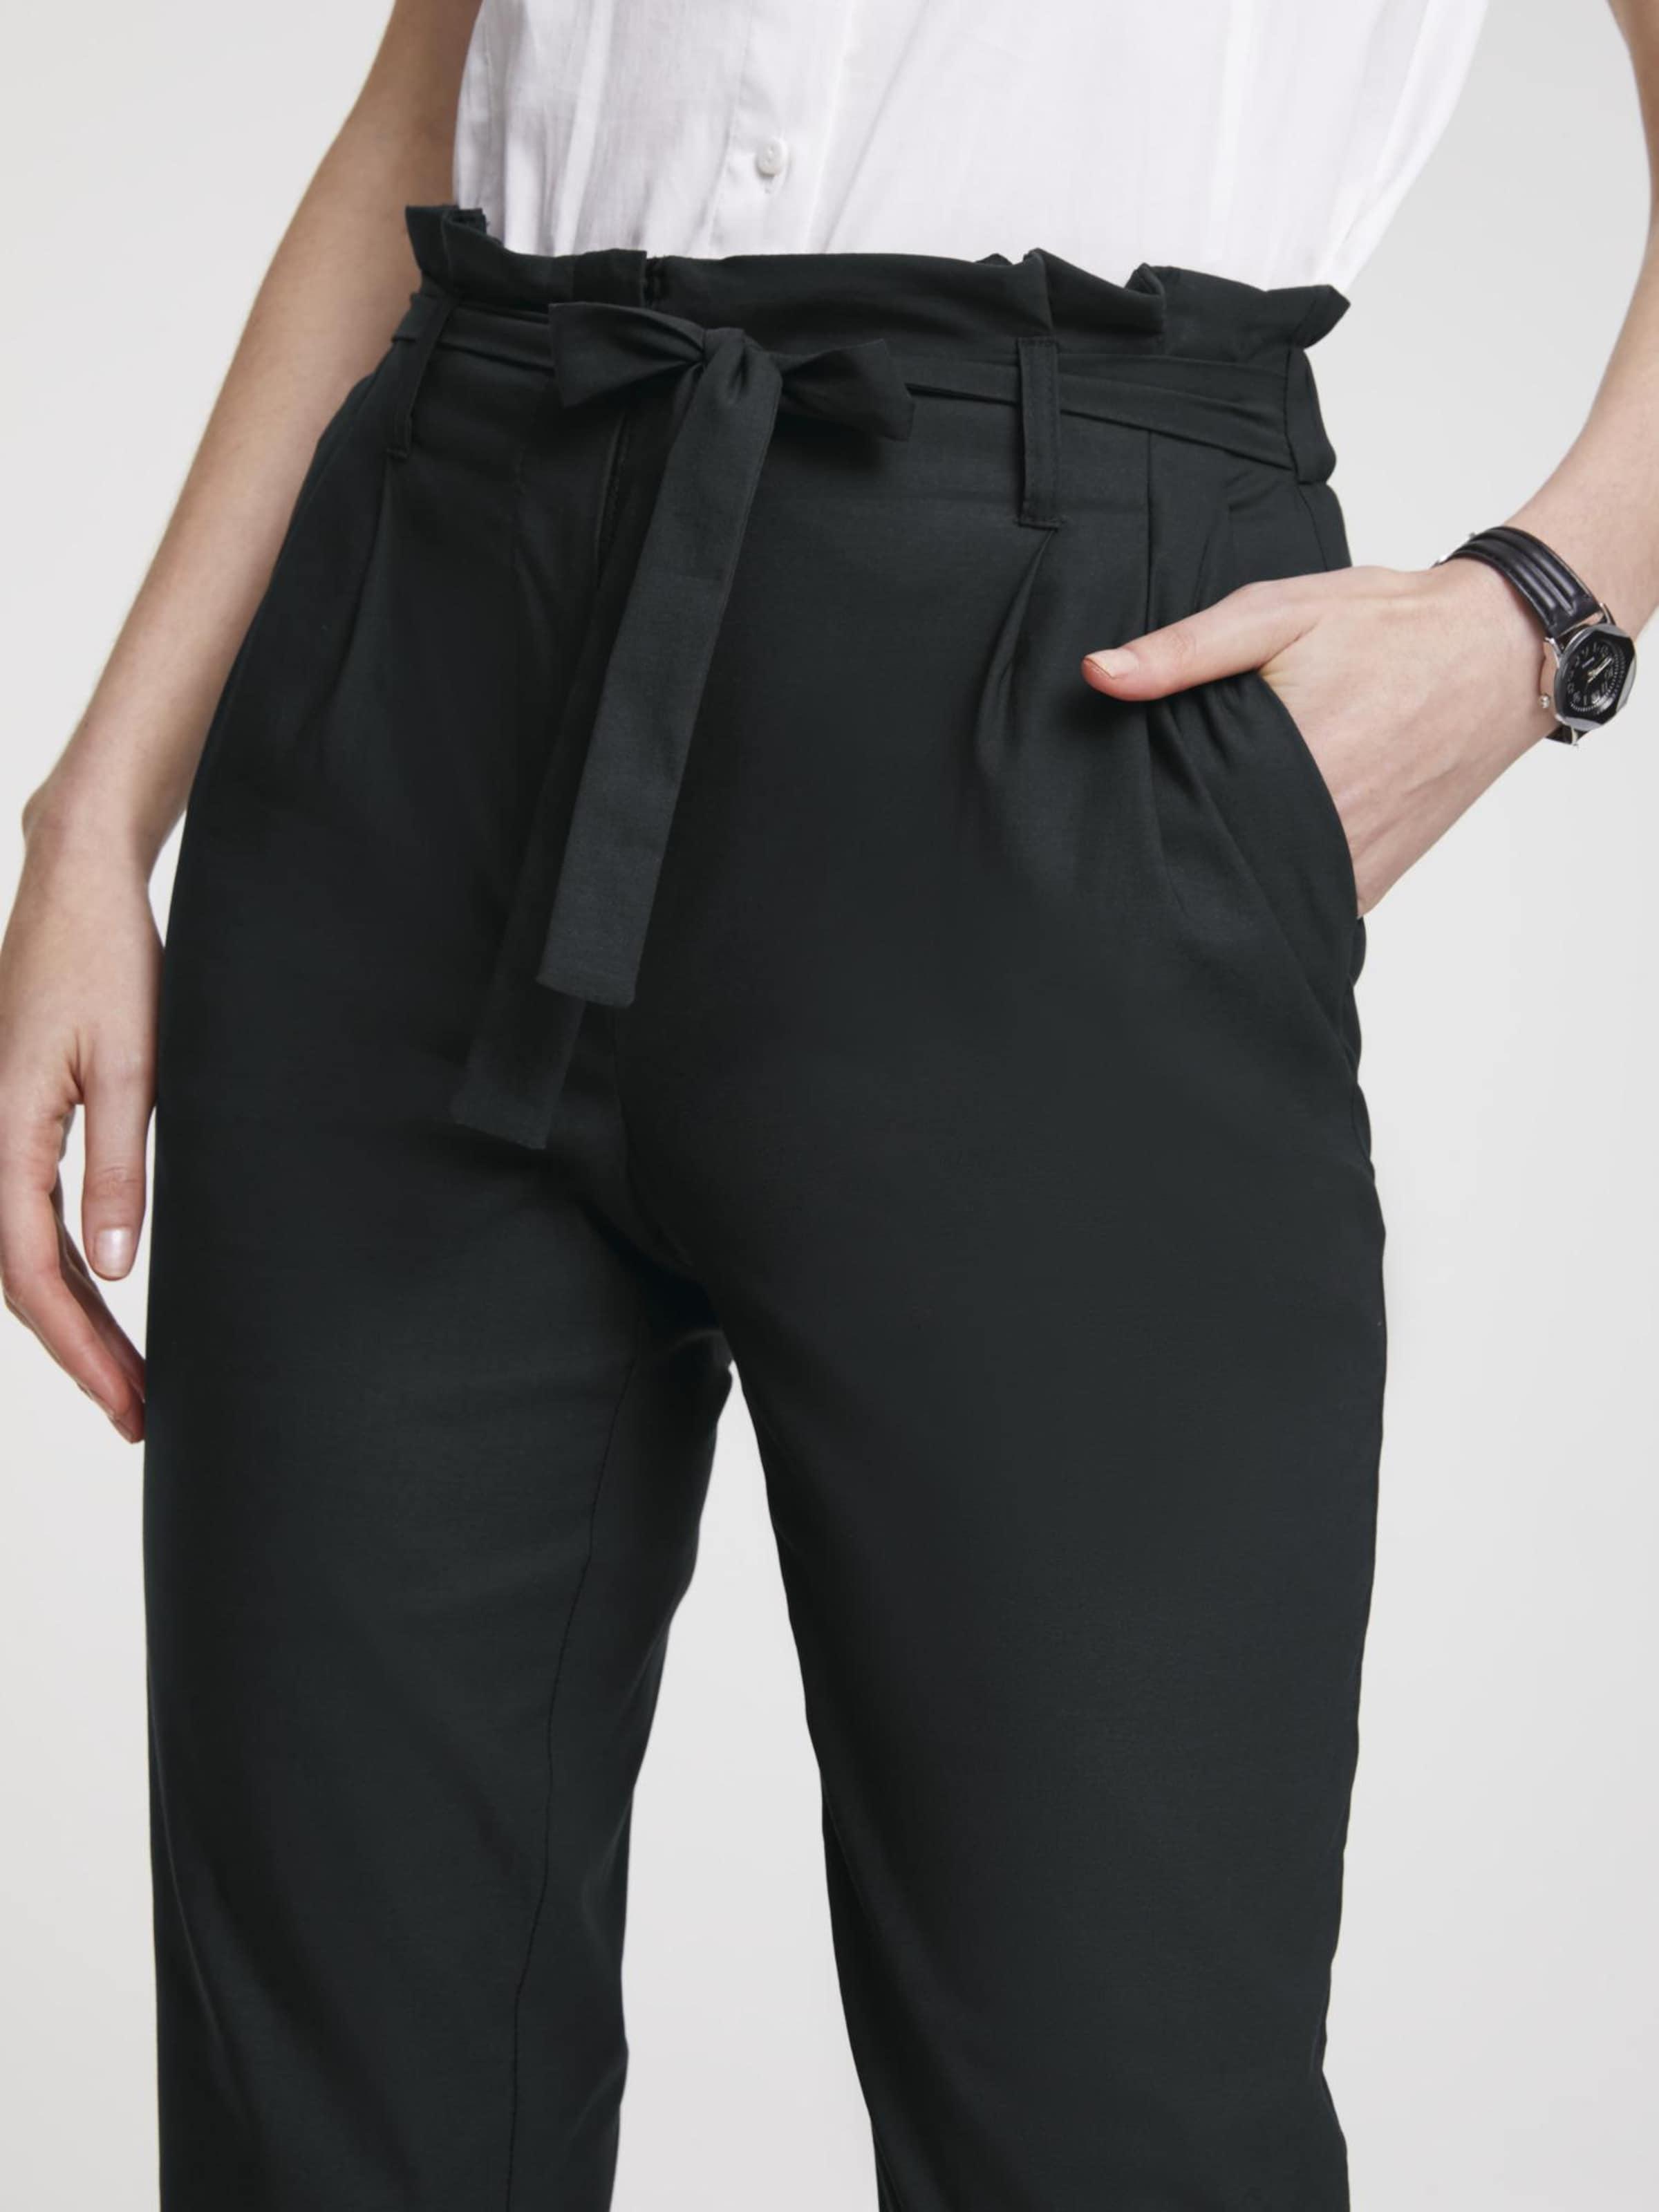 heine Élére vasalt nadrágok fekete színben